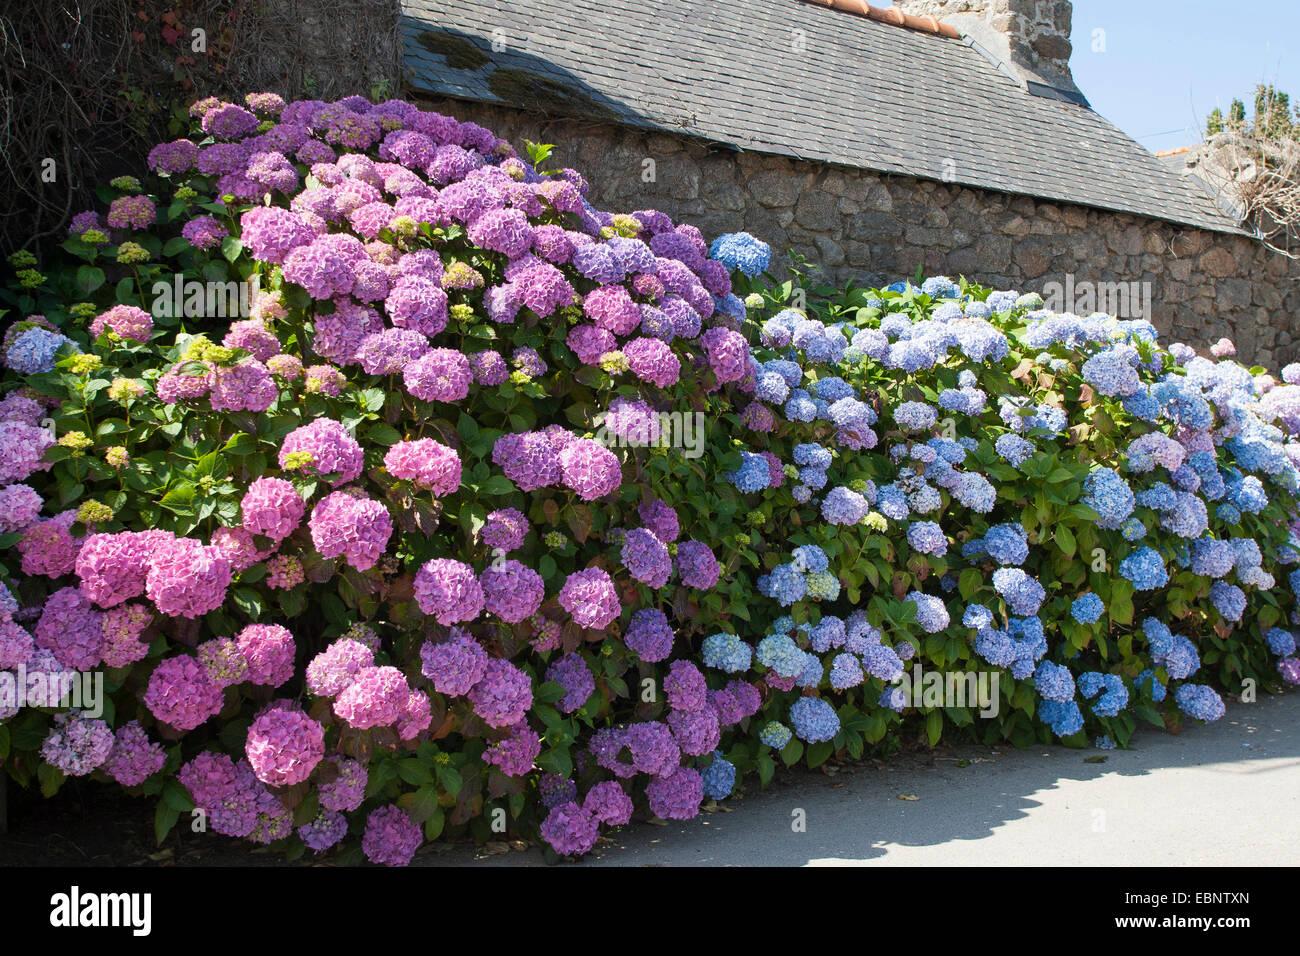 Garden Hydrangea, Lace Cap Hydrangea (Hydrangea Macrophylla), Blooming In A  Front Garden